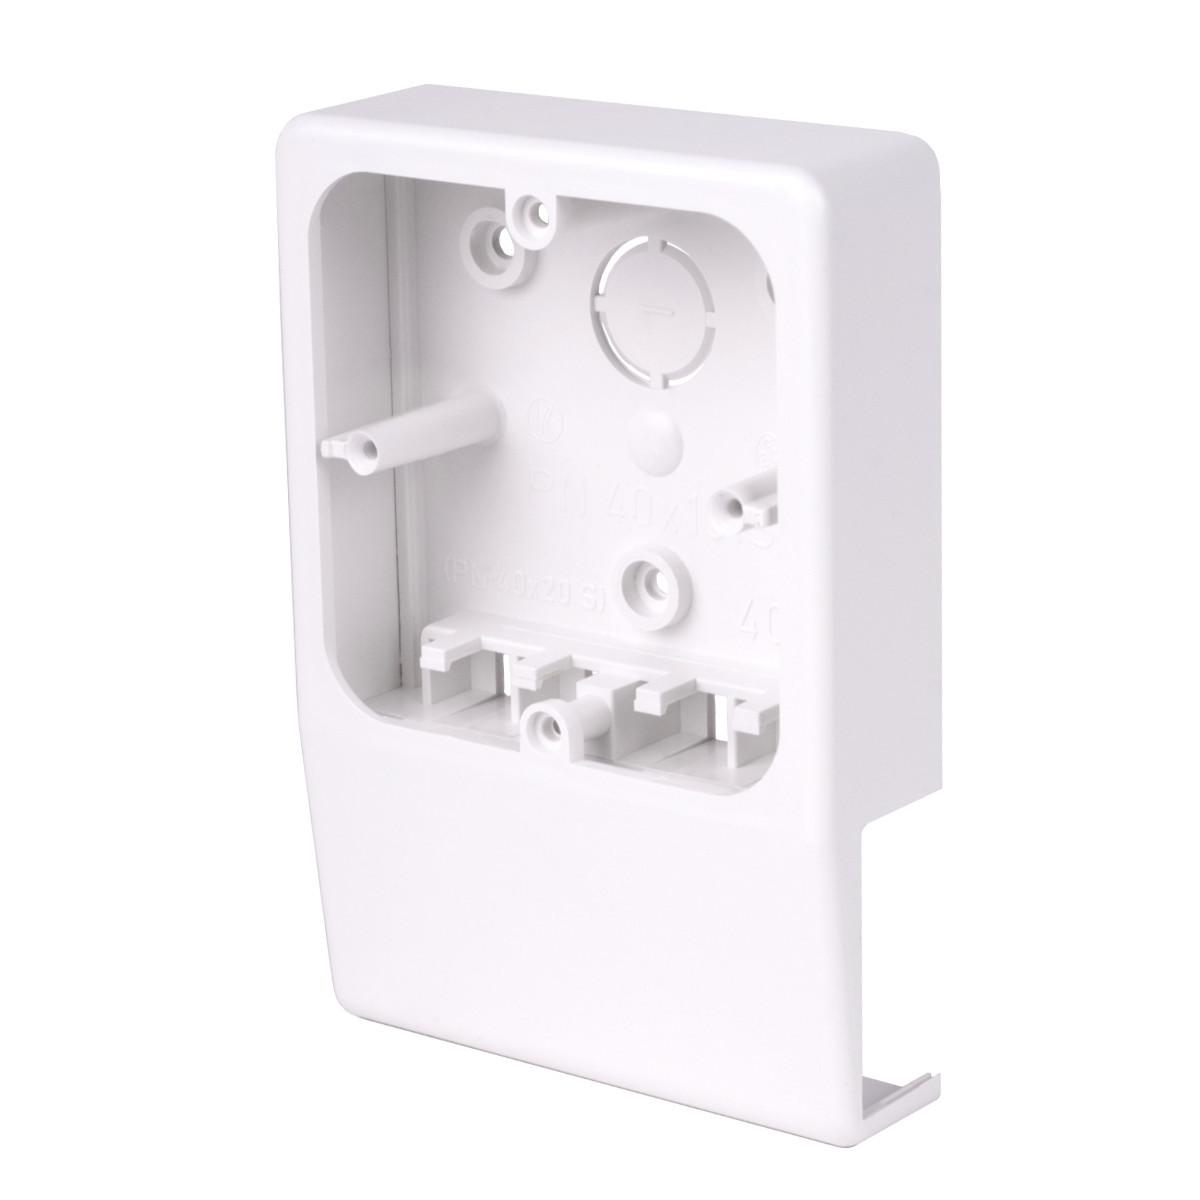 Приладовий носій для  кабельних каналів LV 40x15 (білий)